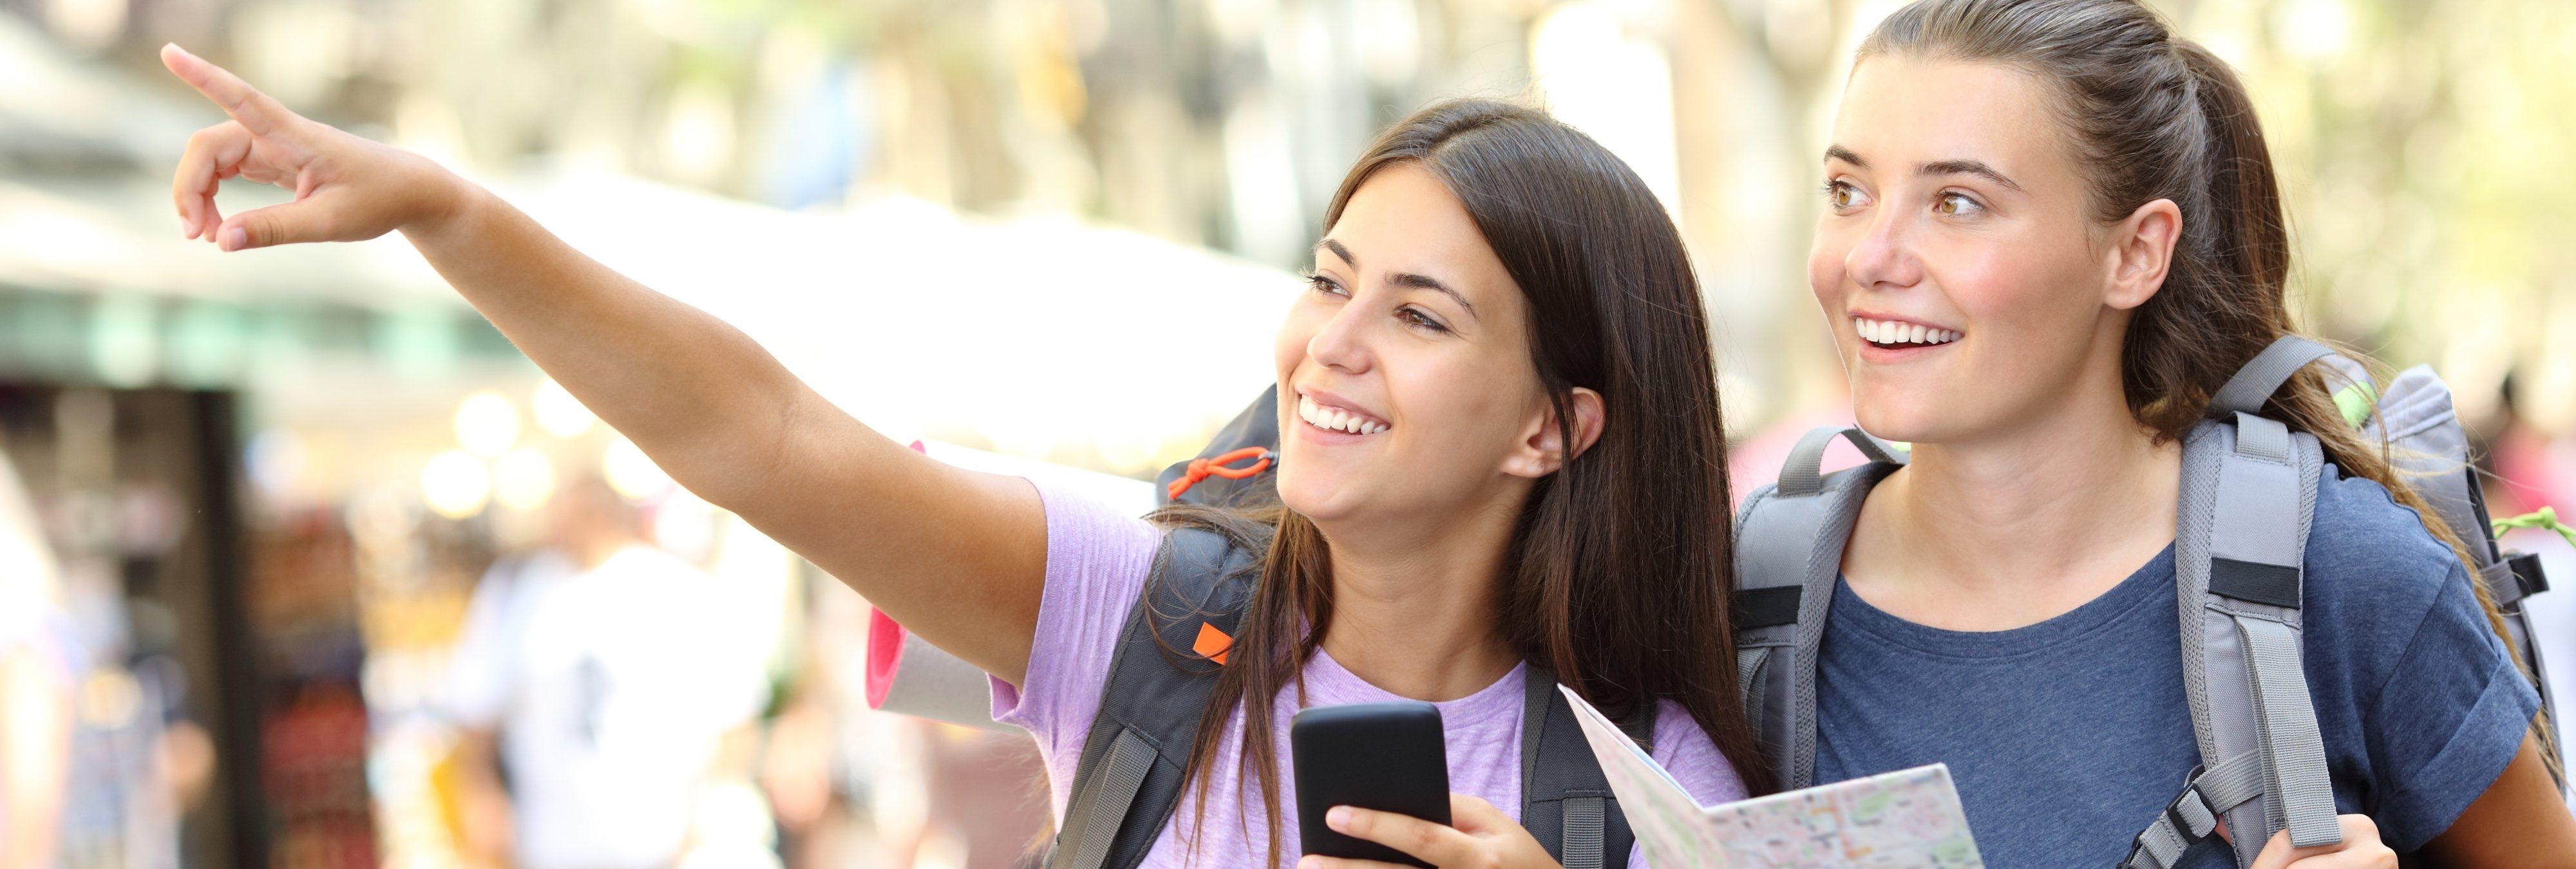 Interrail: Todo lo que debes saber para lanzarte a la aventura de conocer Europa